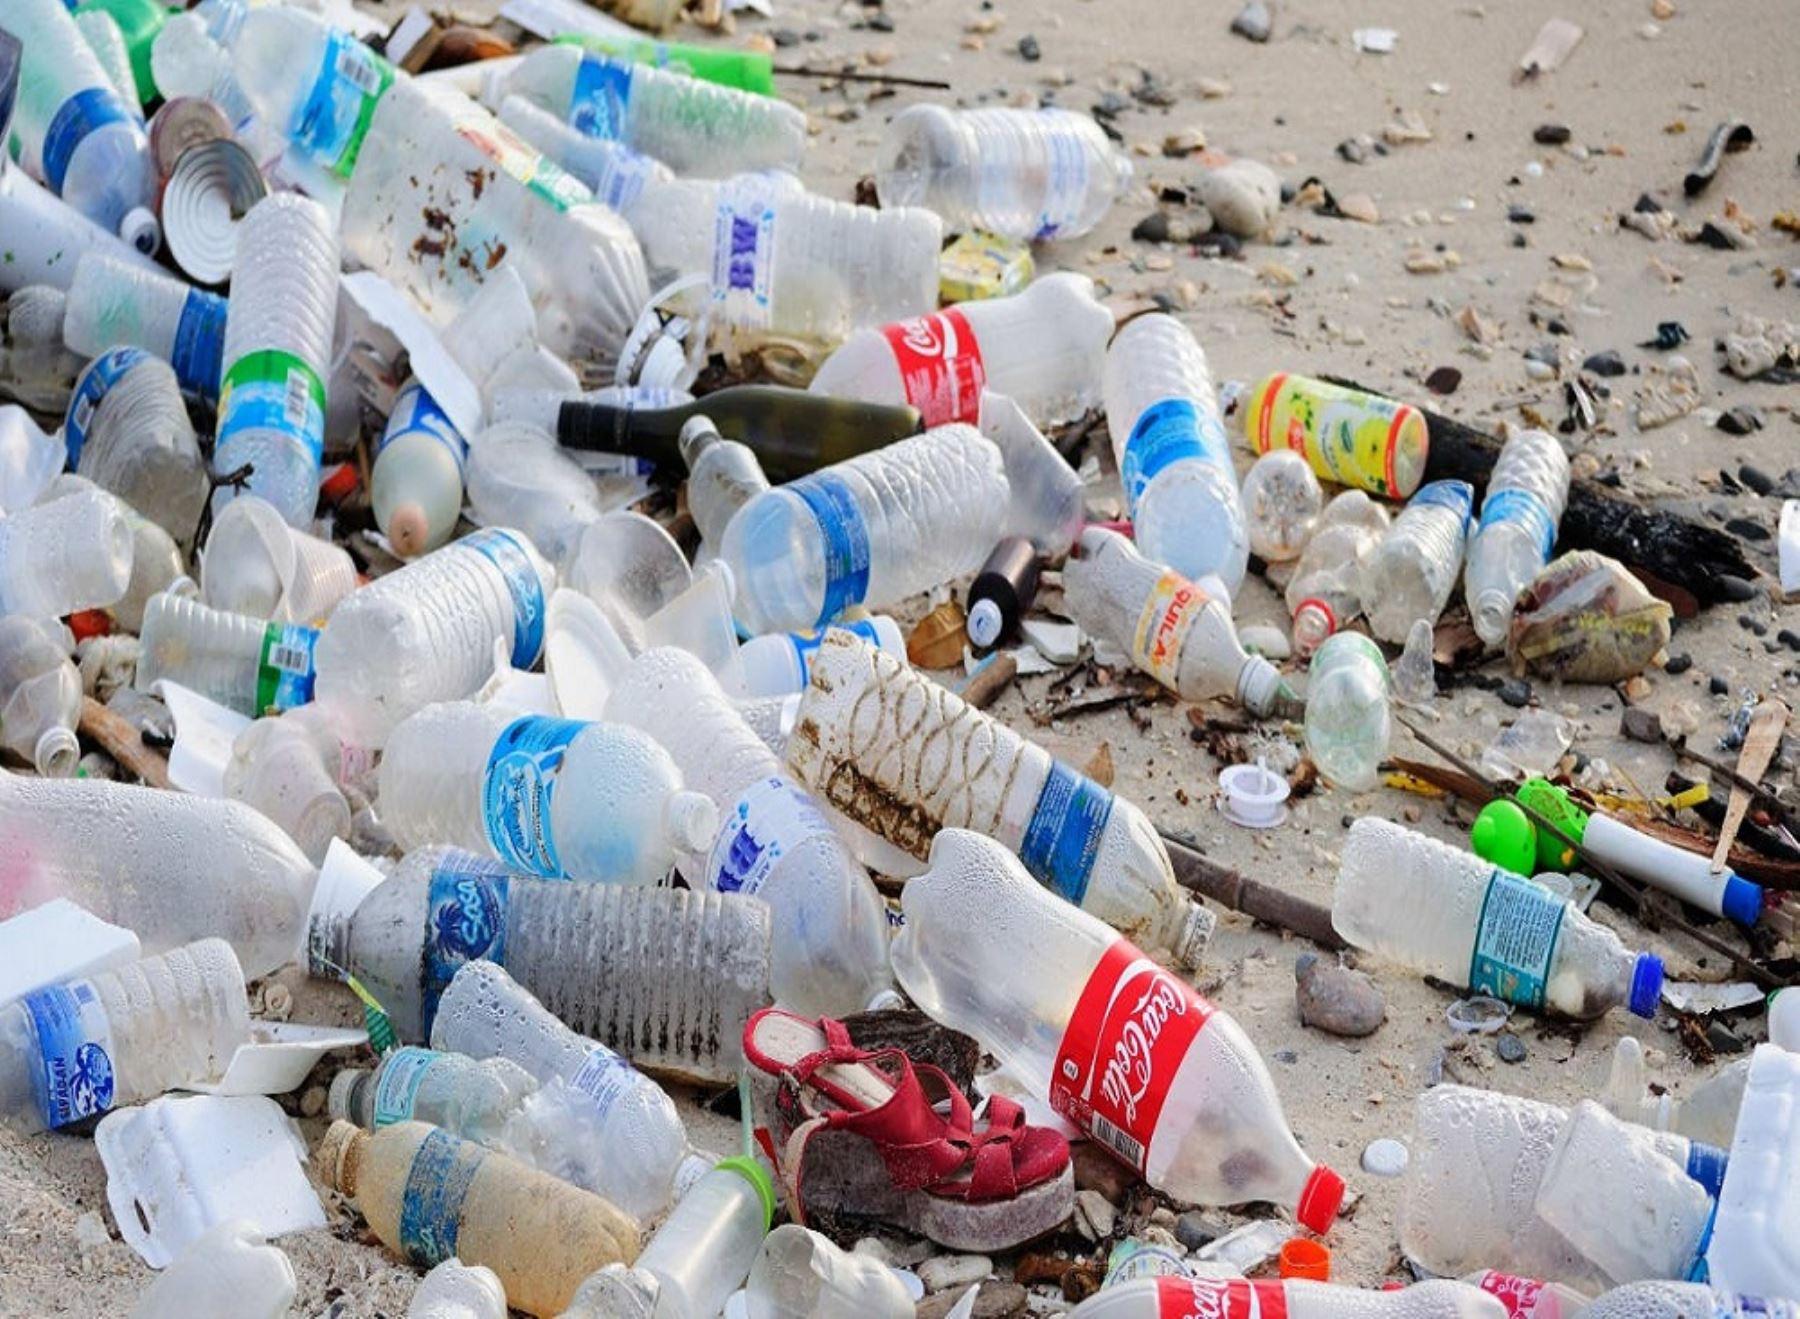 Botellas y otros envases de plástico ya no podrán entrar a las áreas naturales protegidas. Cortesía